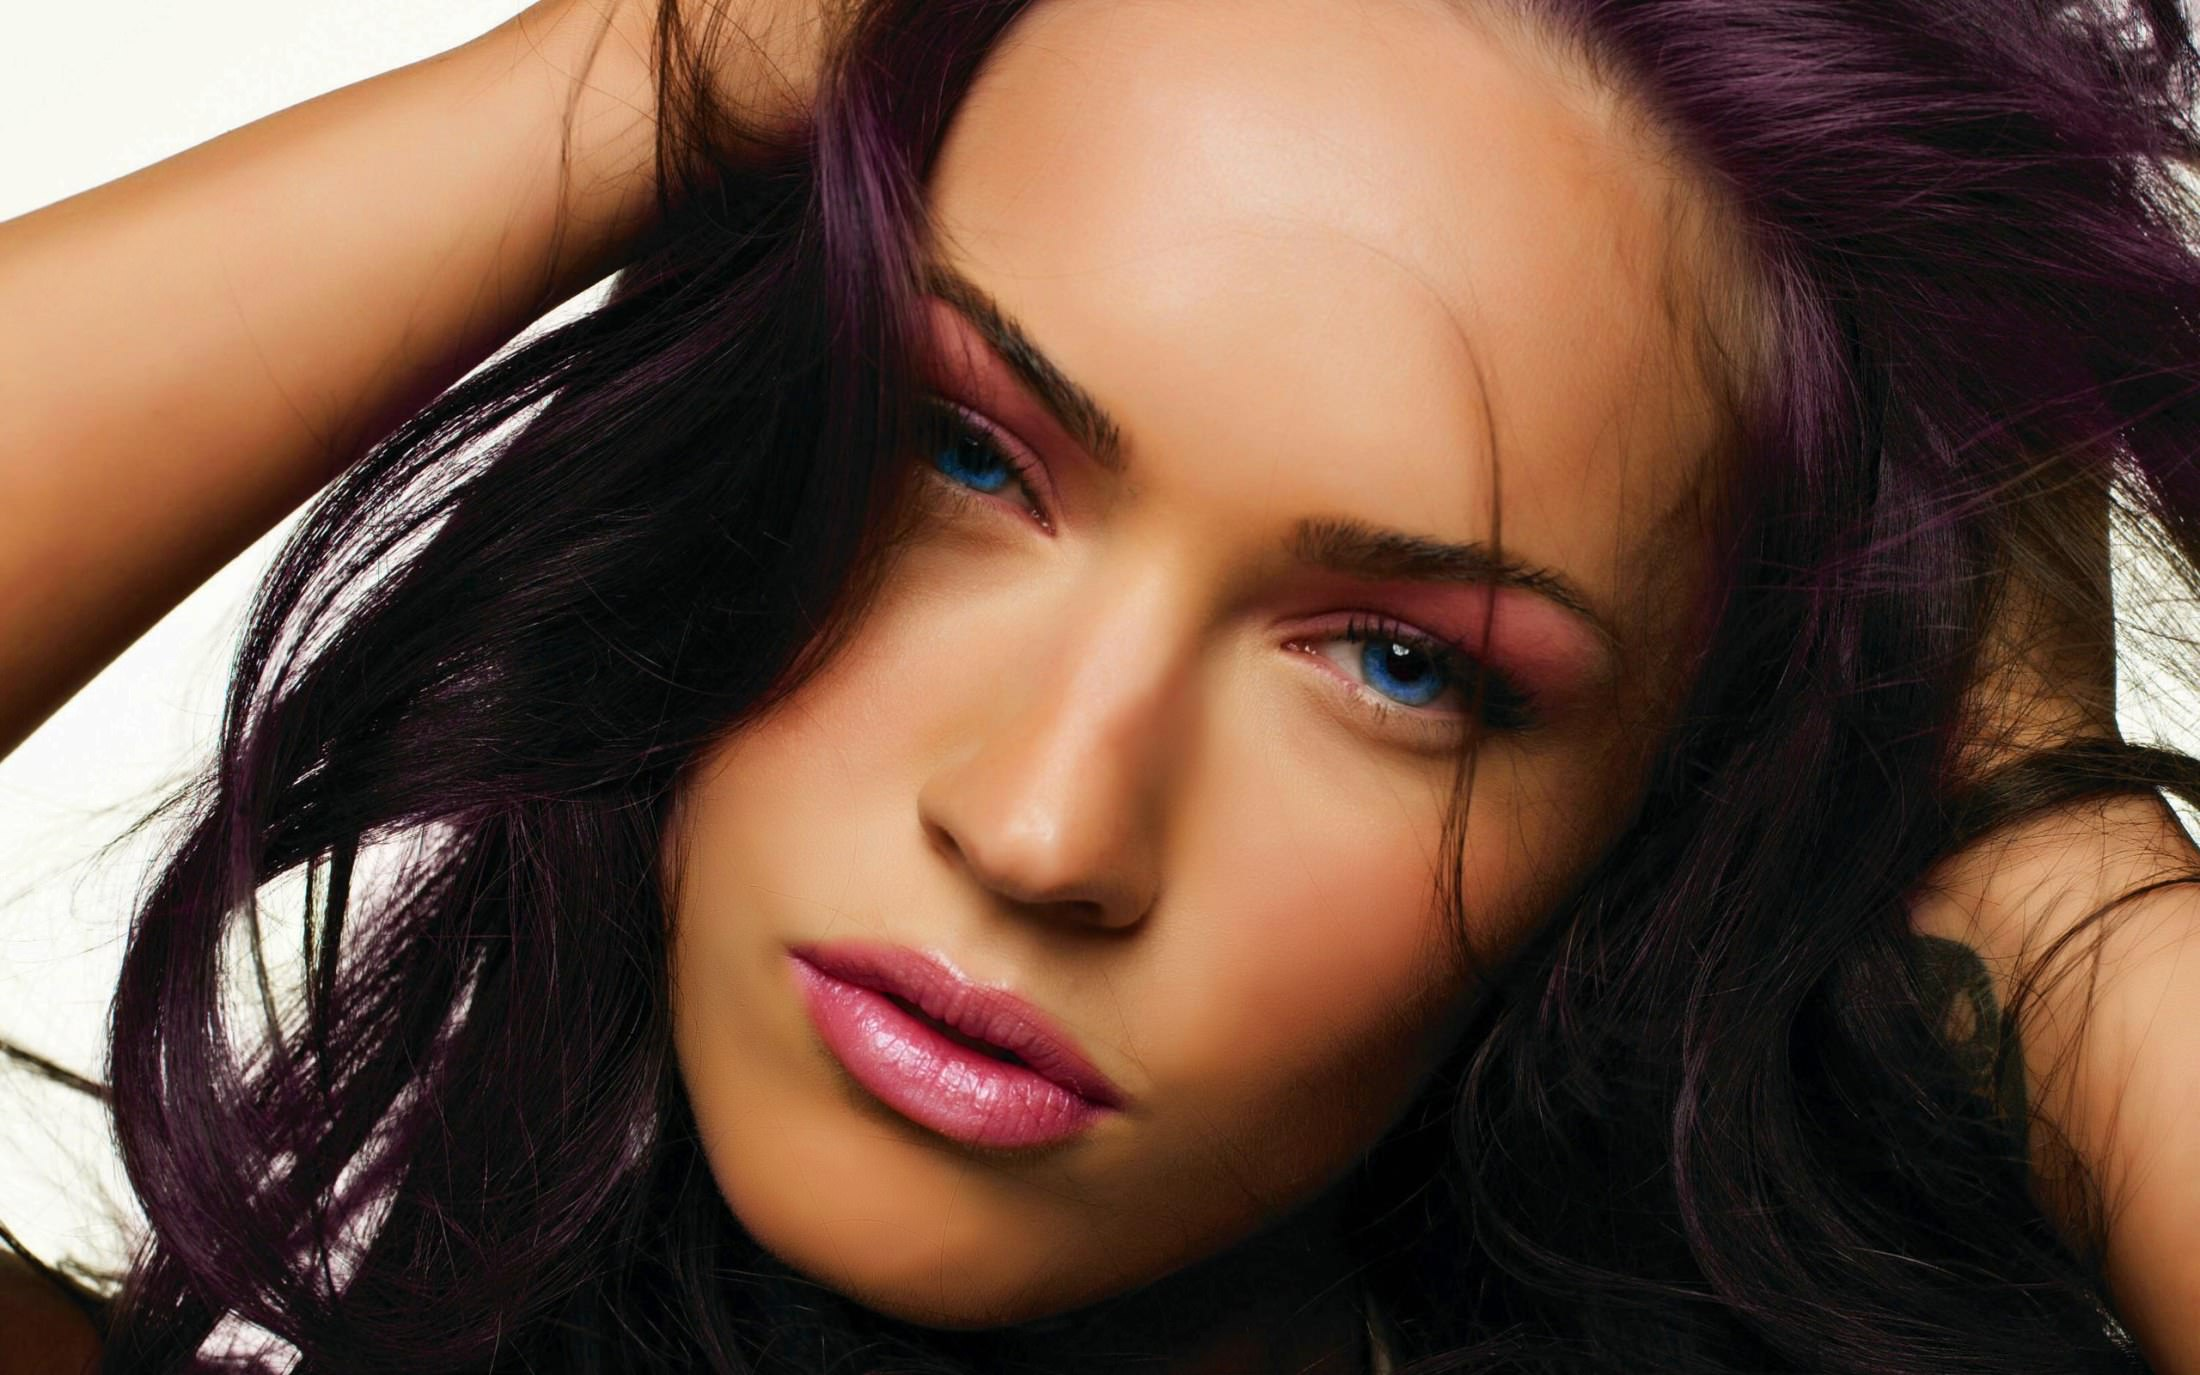 Самые красивые девушки мира по версии интернета 3 фотография